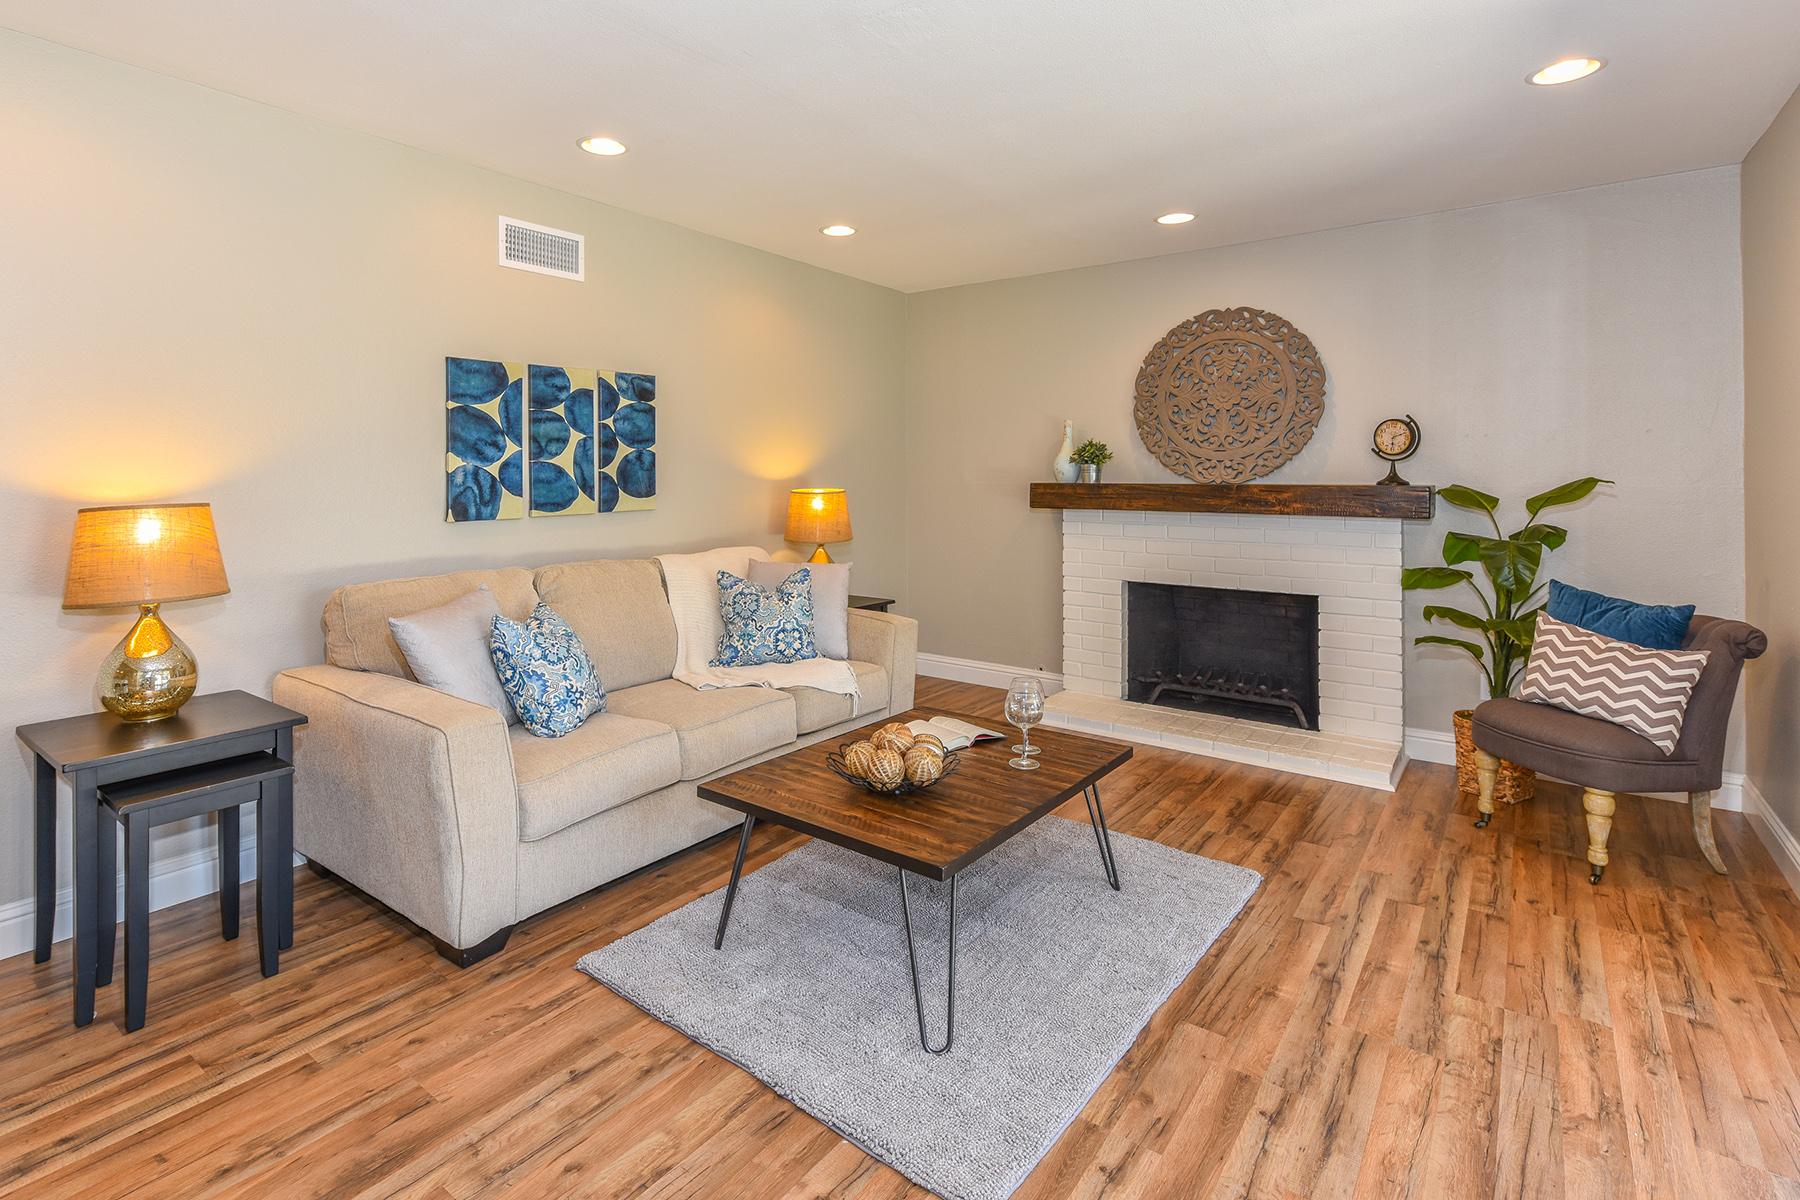 Частный односемейный дом для того Продажа на 691 Costa Dr, Napa, CA 94558 691 Costa Dr Napa, Калифорния, 94558 Соединенные Штаты